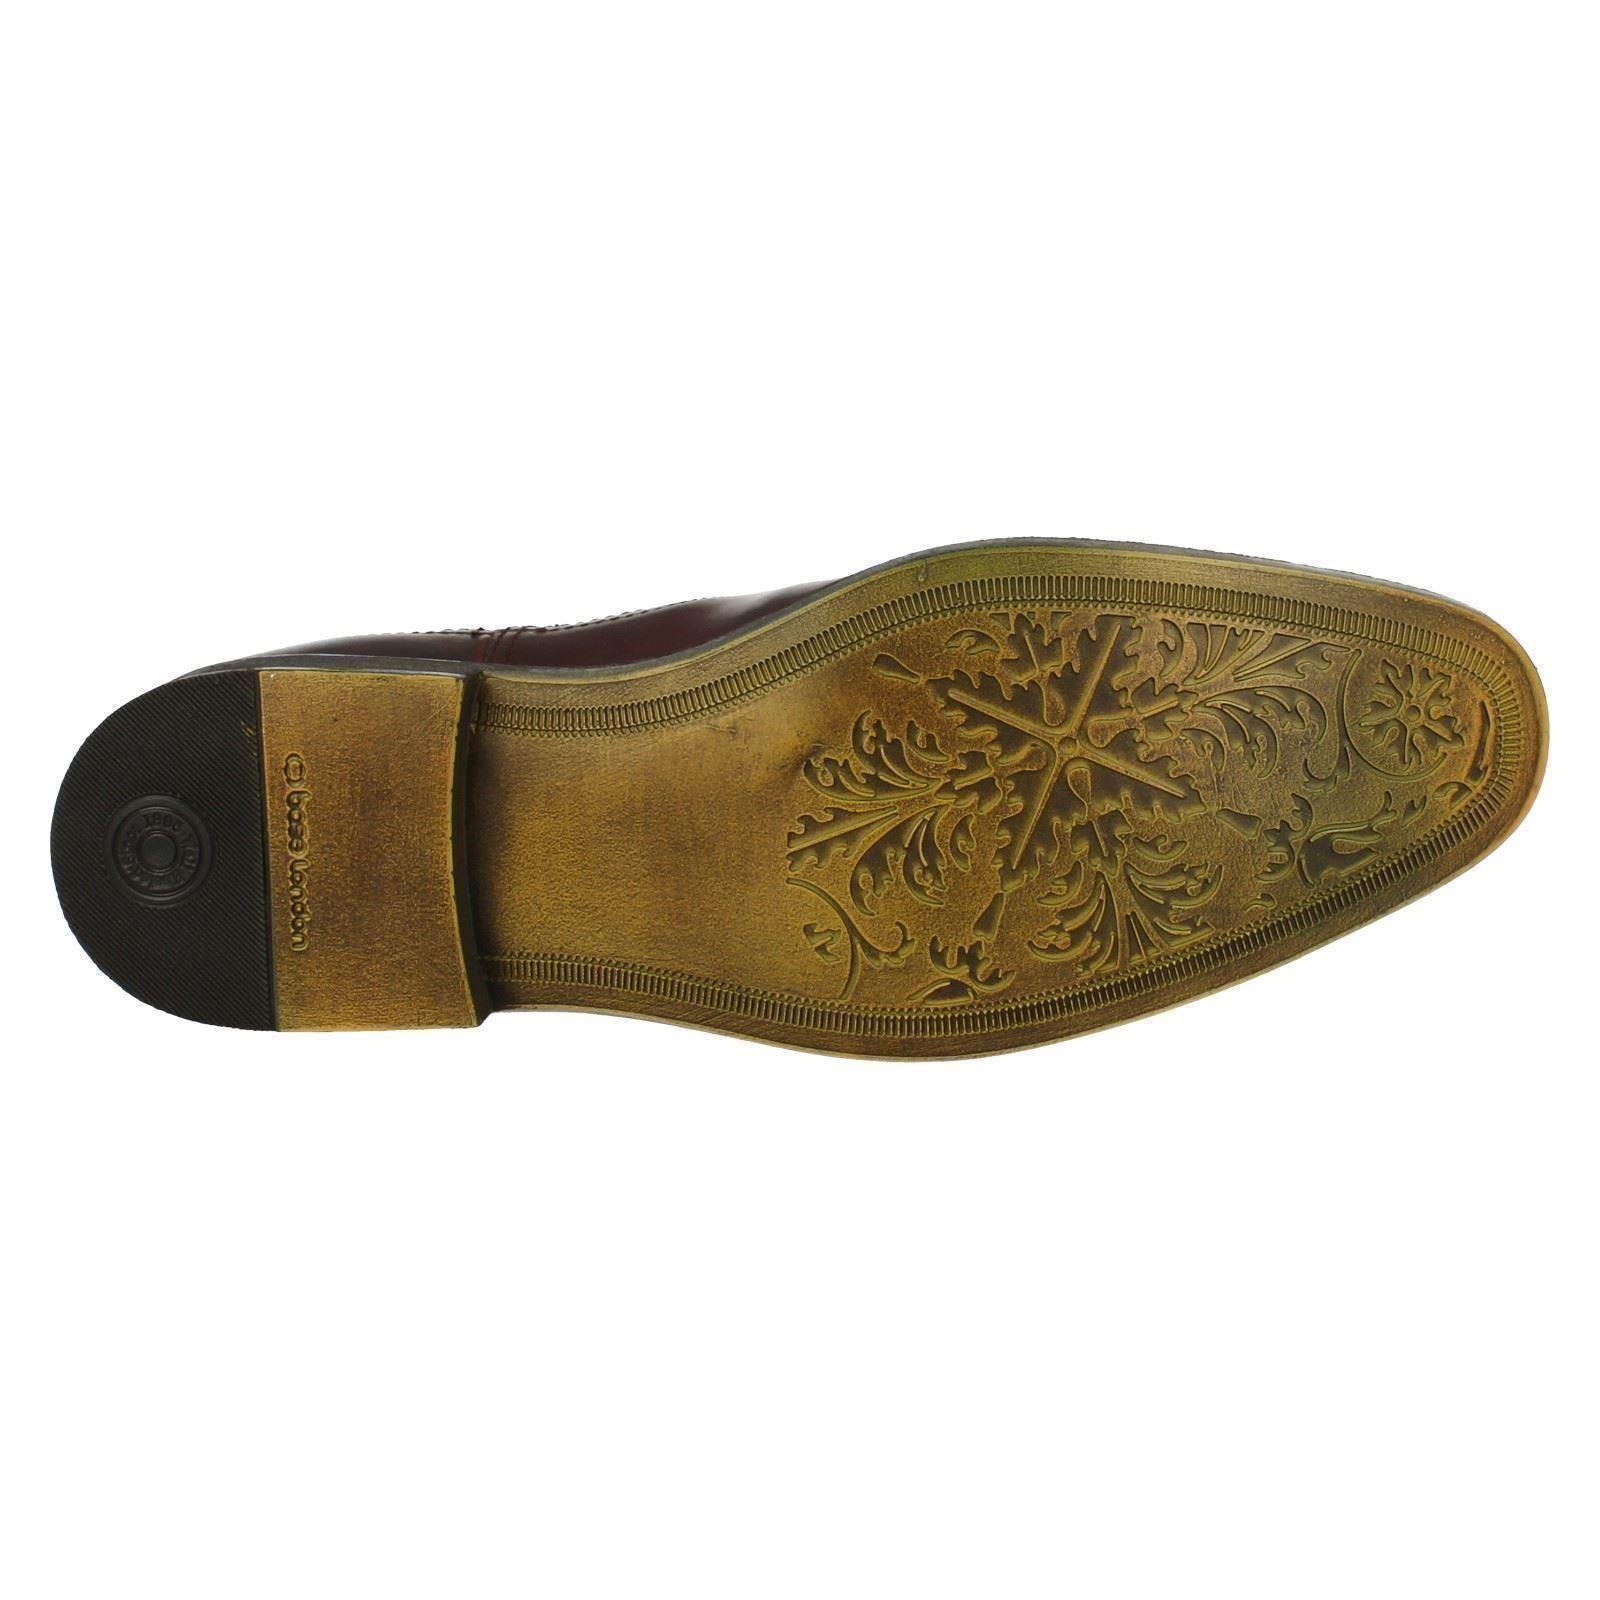 sur la base de chelsea à à chelsea londres chez safran - bottes ce79ae